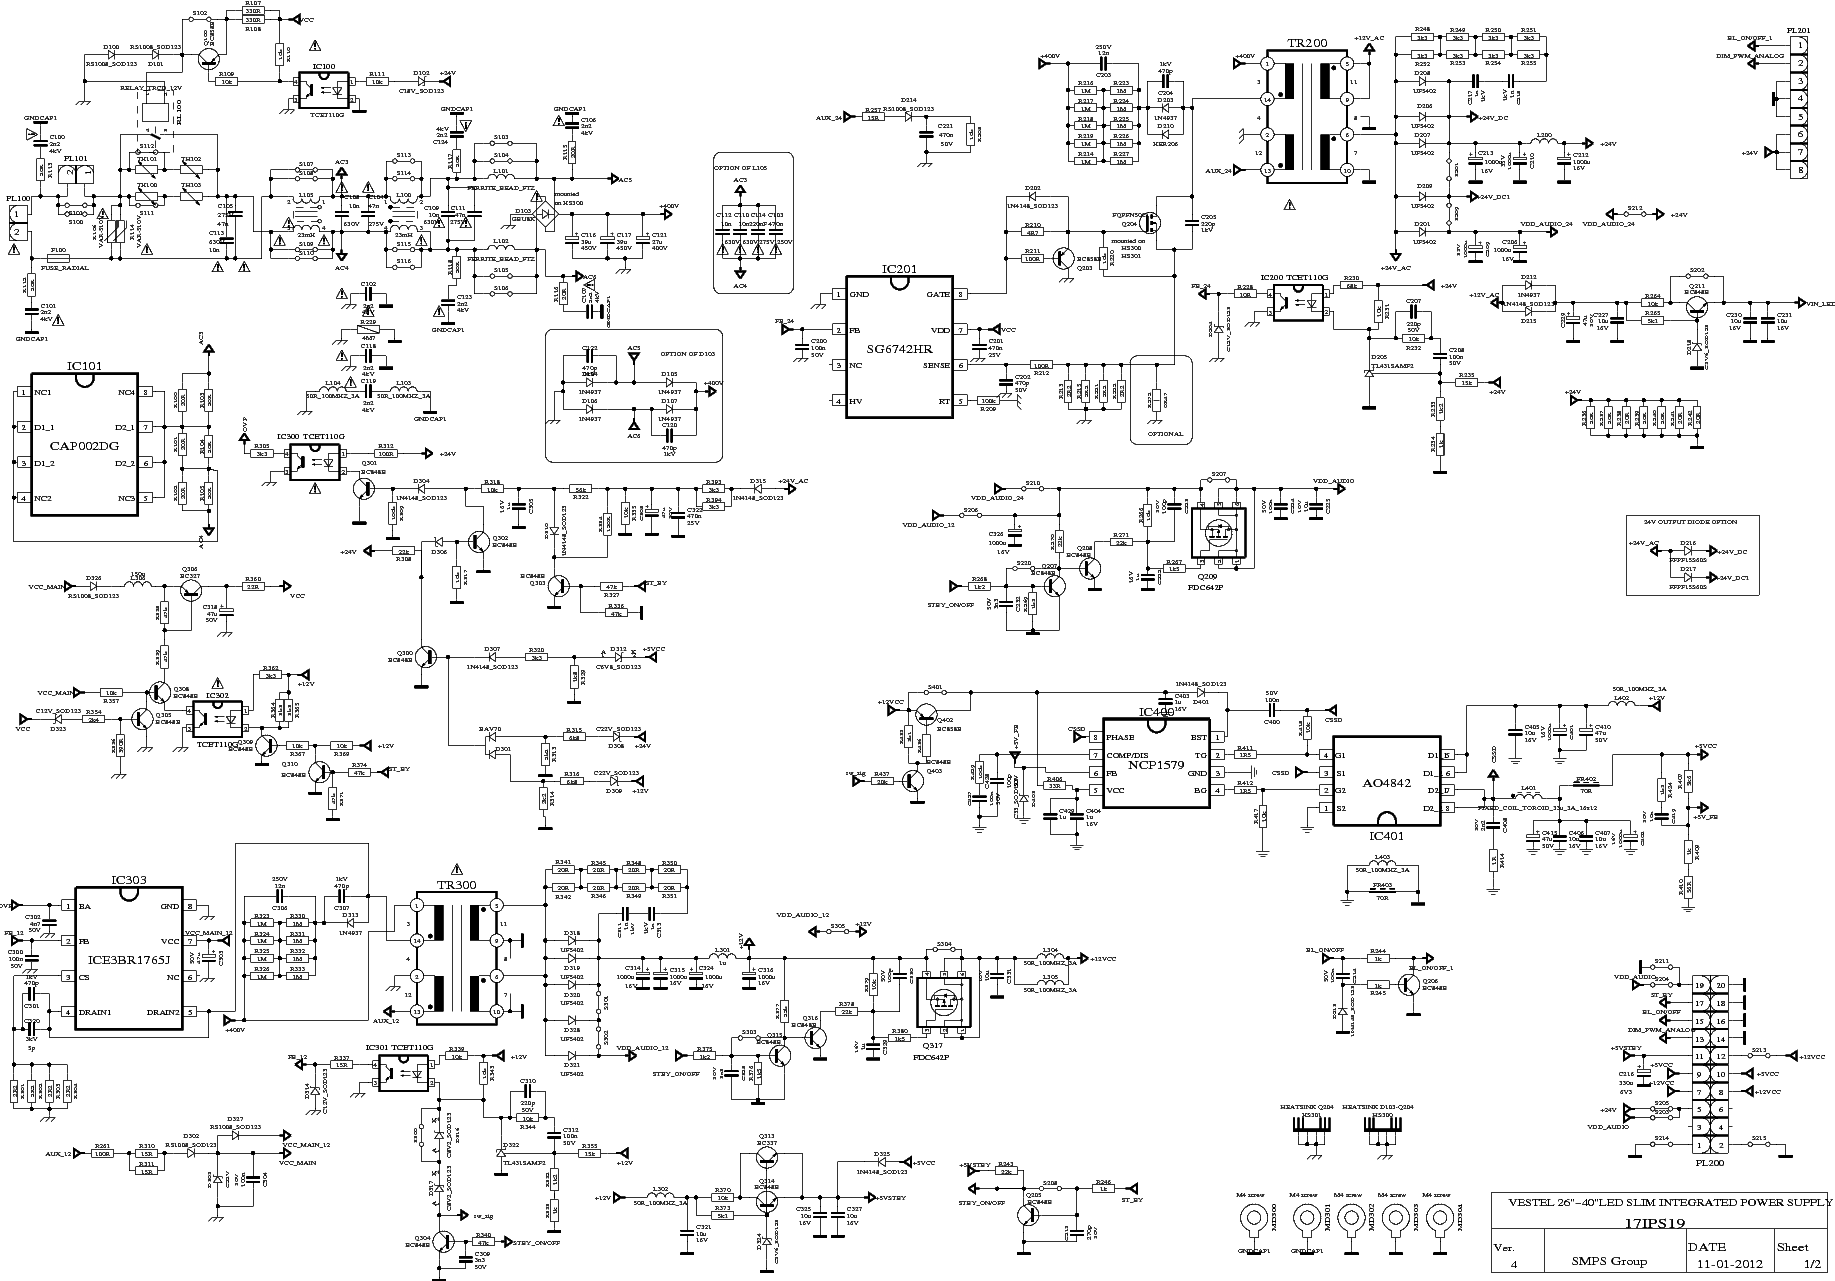 rimu-schematic-free download rimu schematic electrical and, Wiring schematic